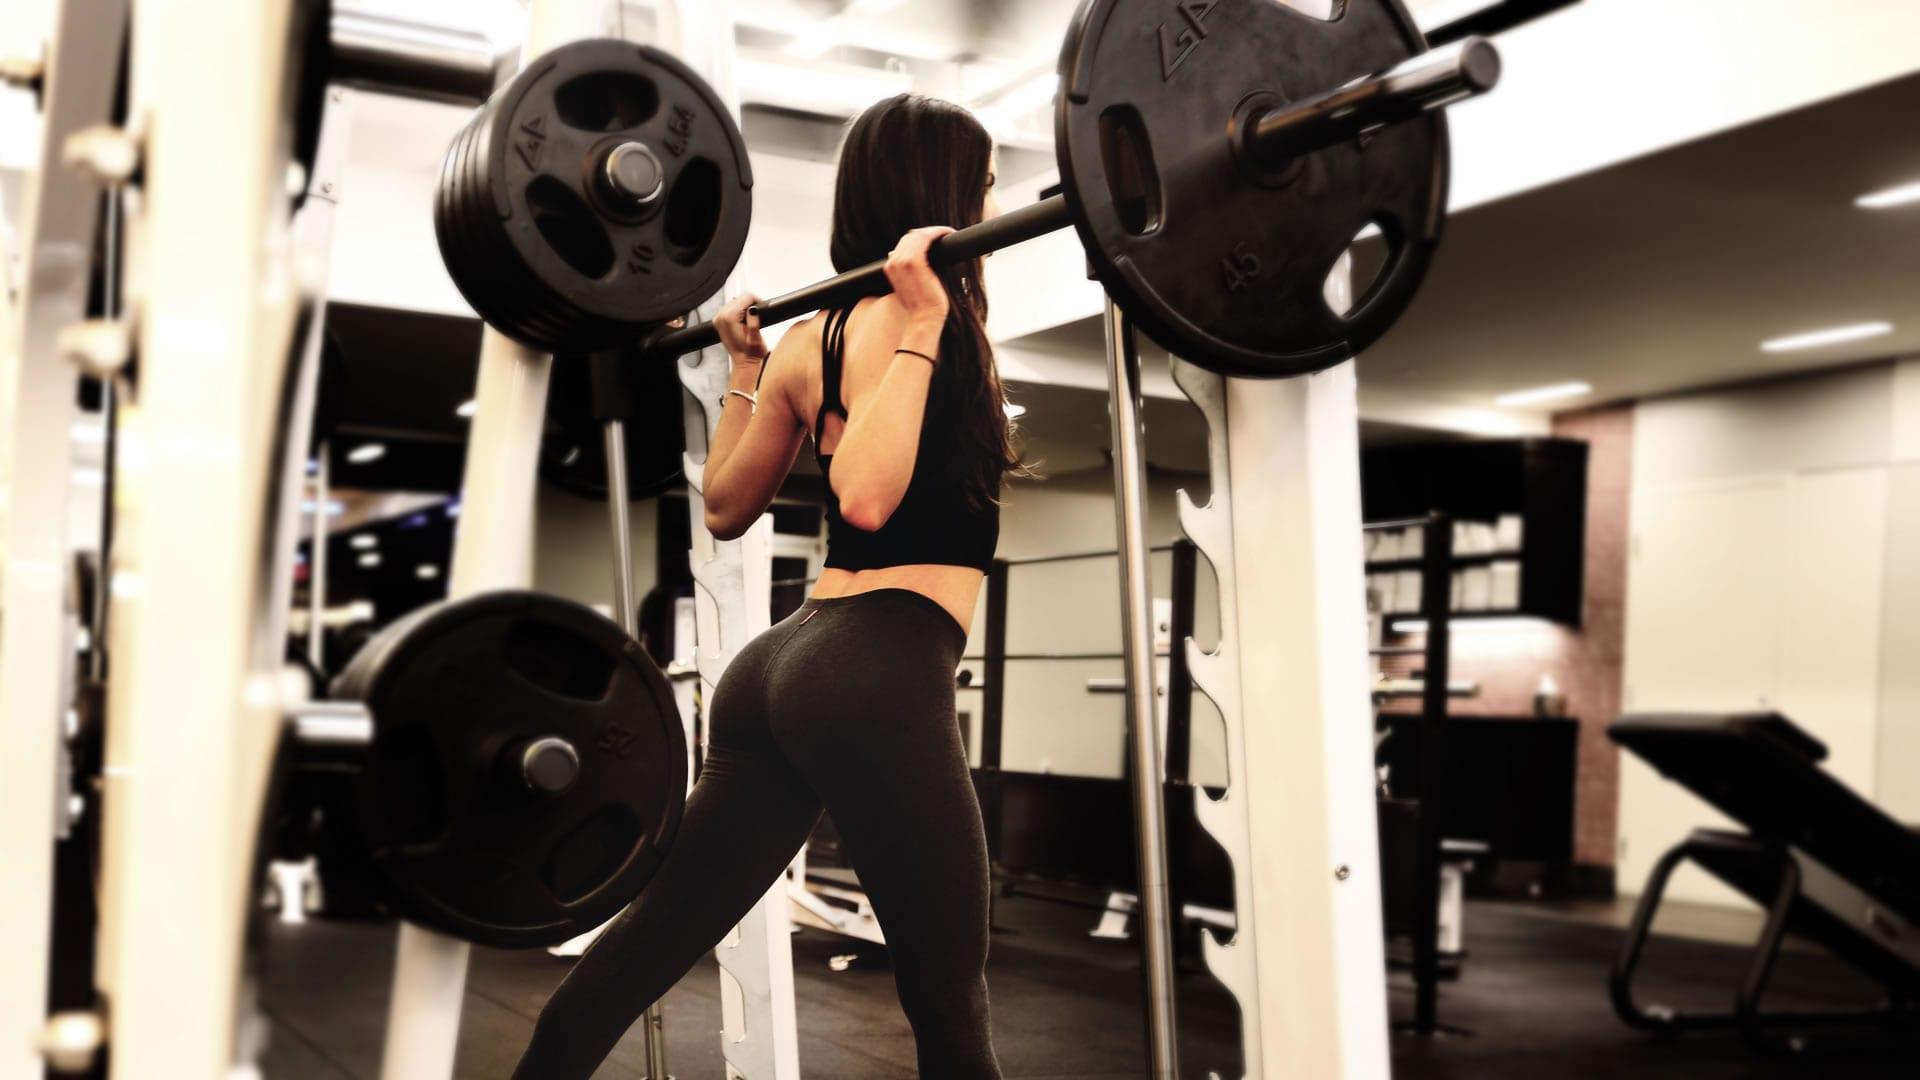 Proteinas por la chica - 5 9